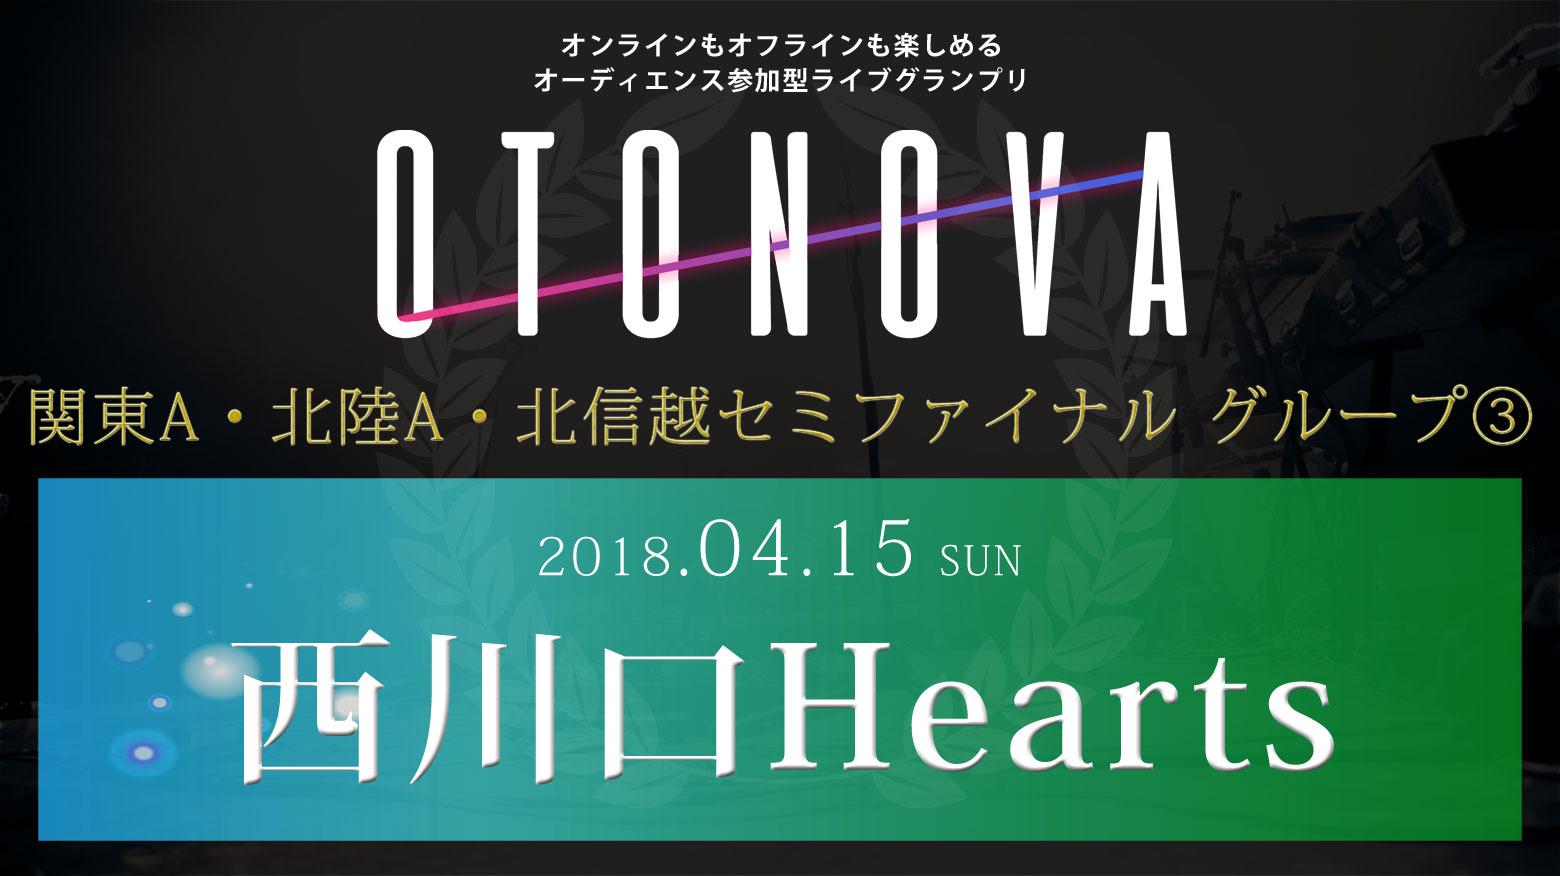 OTONOVA2018「関東A・北陸A・北信越セミファイナル グループ③」